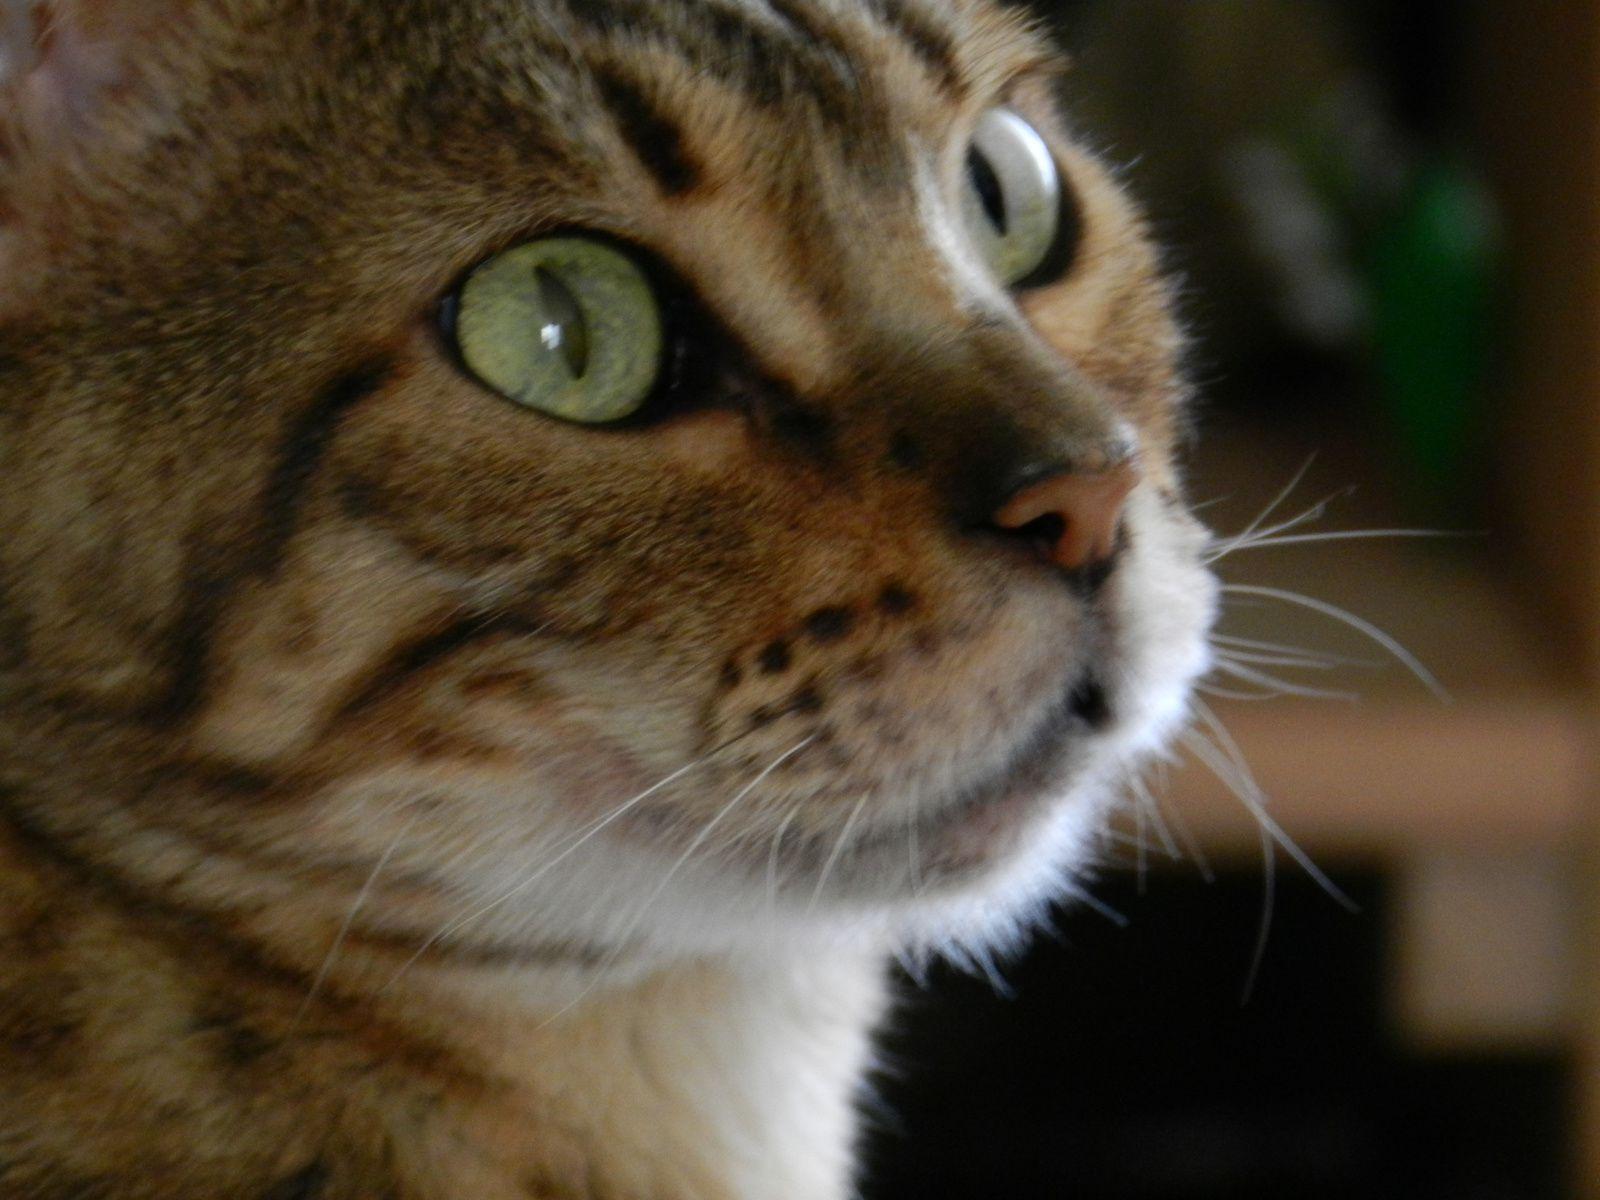 Profil de chat. Image soumise à droit d'auteurs. Techniques d'élevage 2014